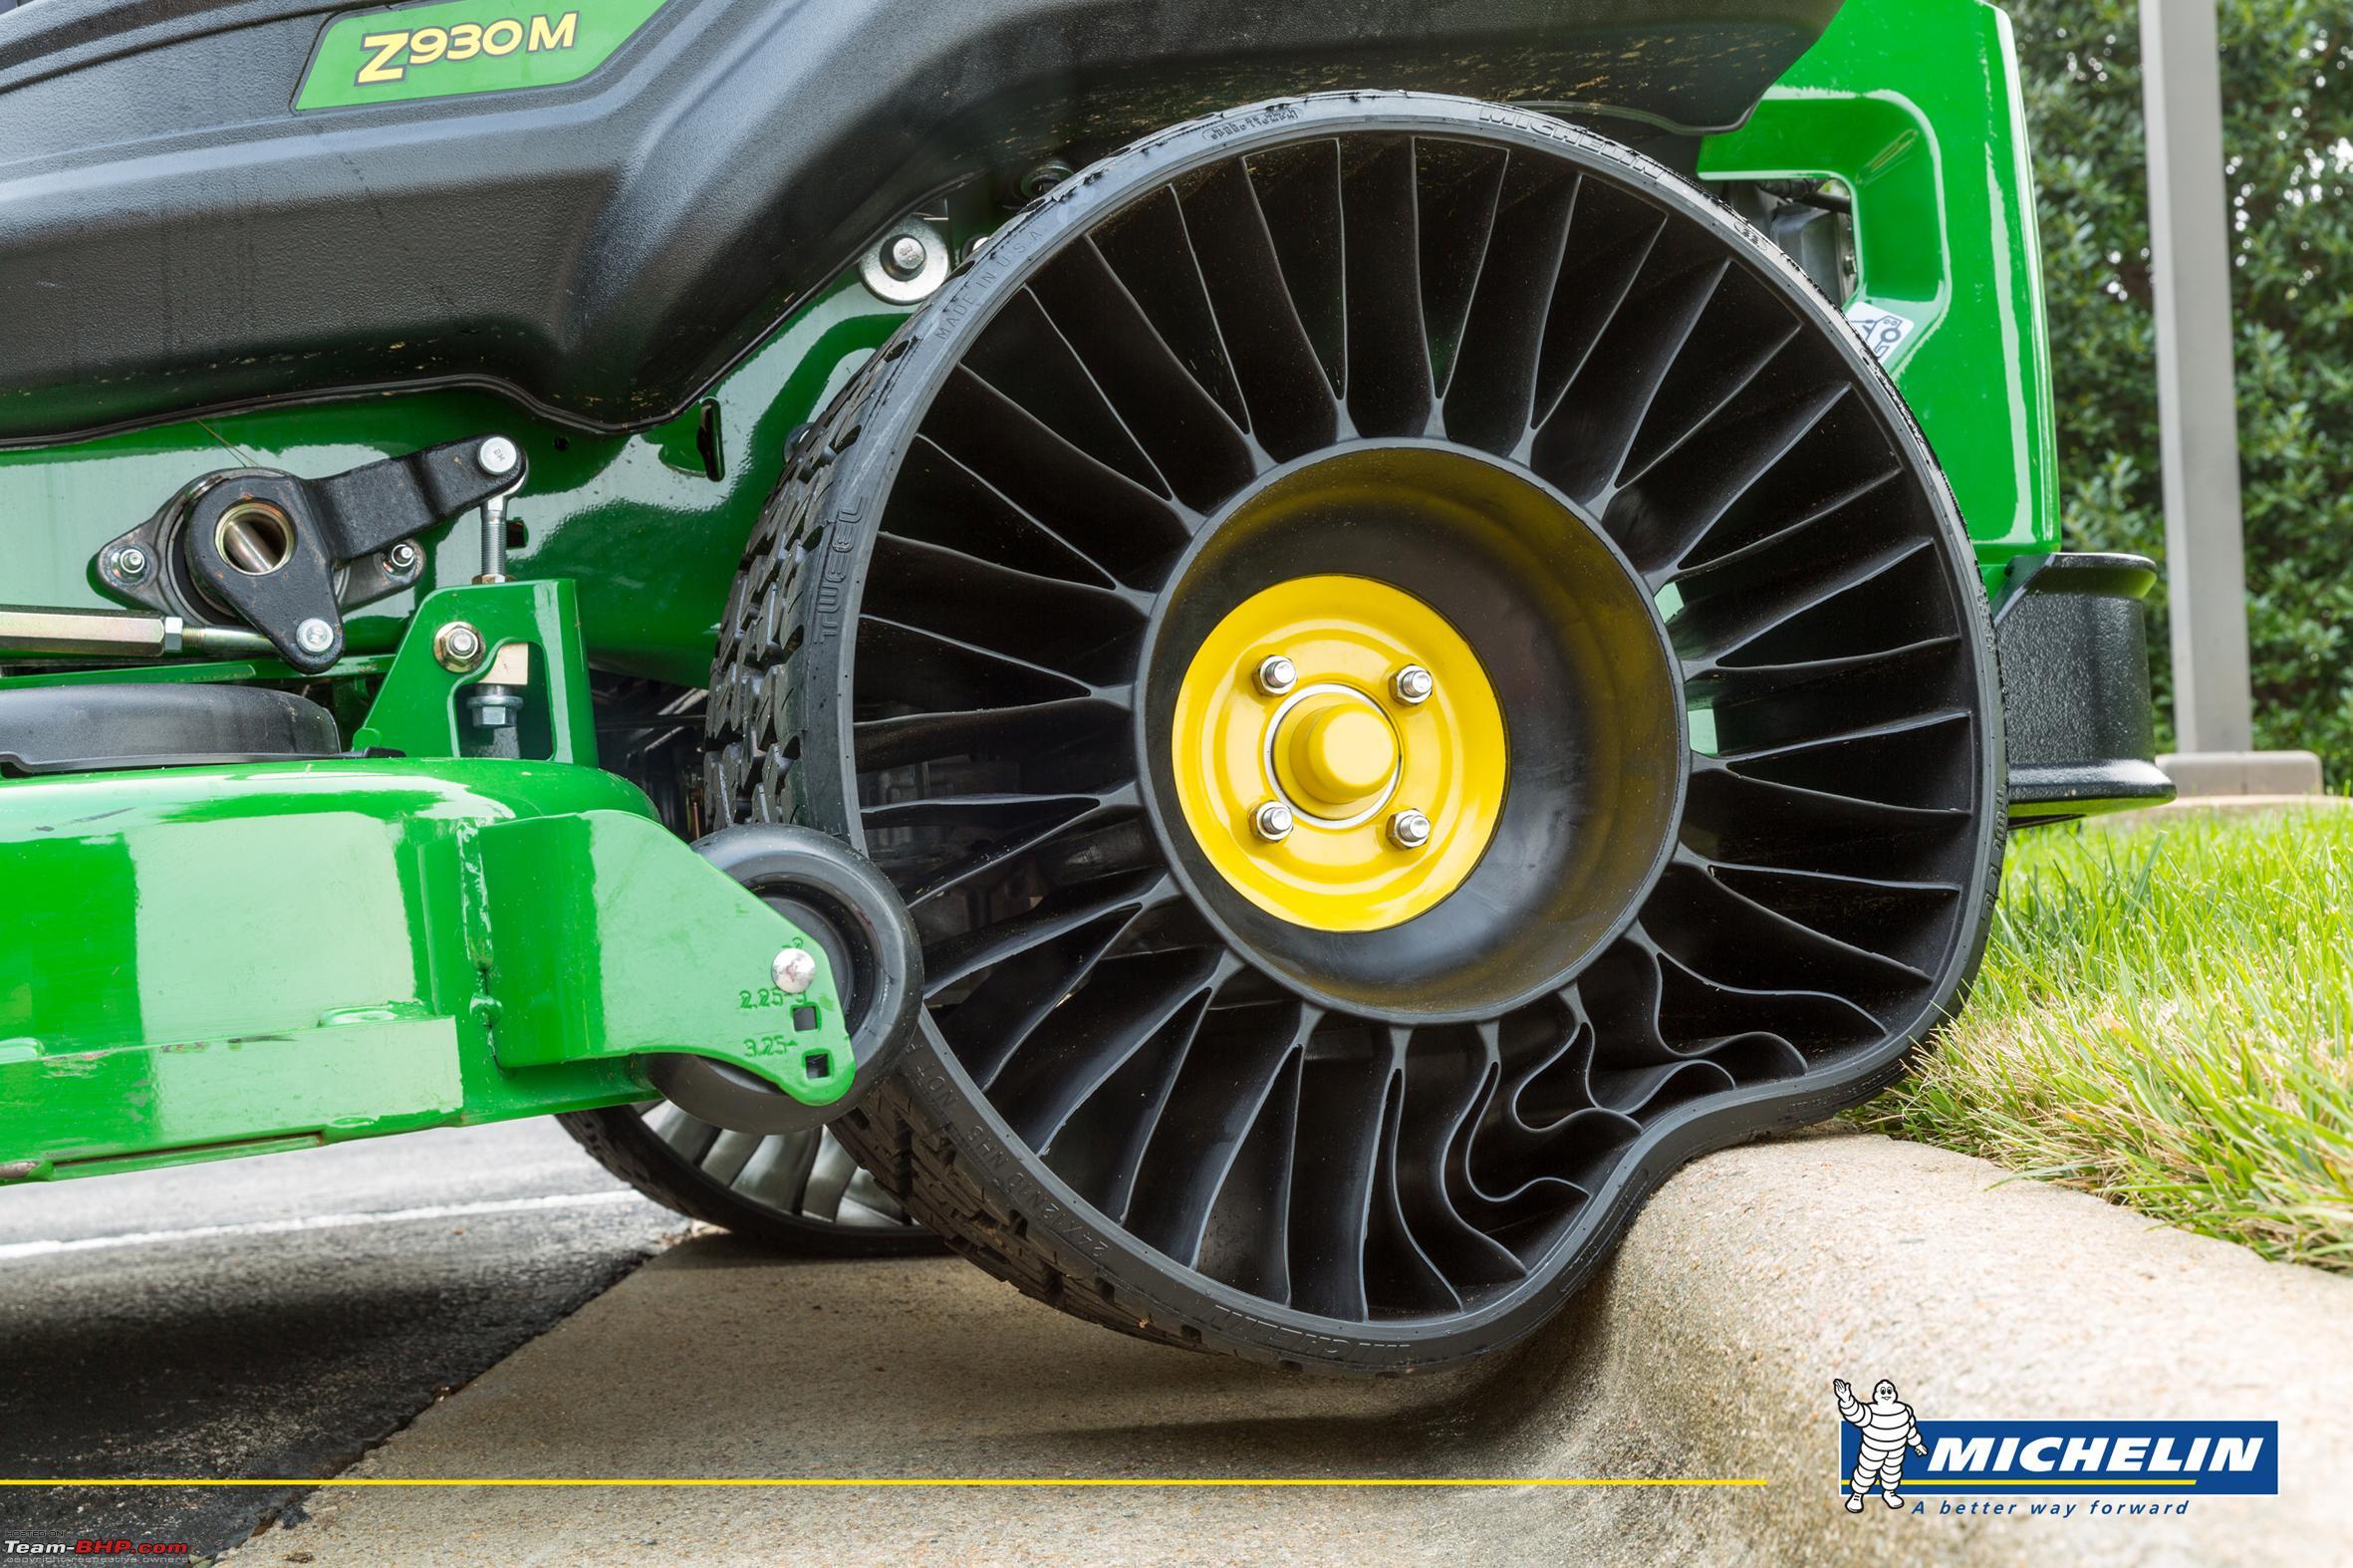 Michelin begins tweel airless tyre production michelin_x_tweel_turf_print jpg